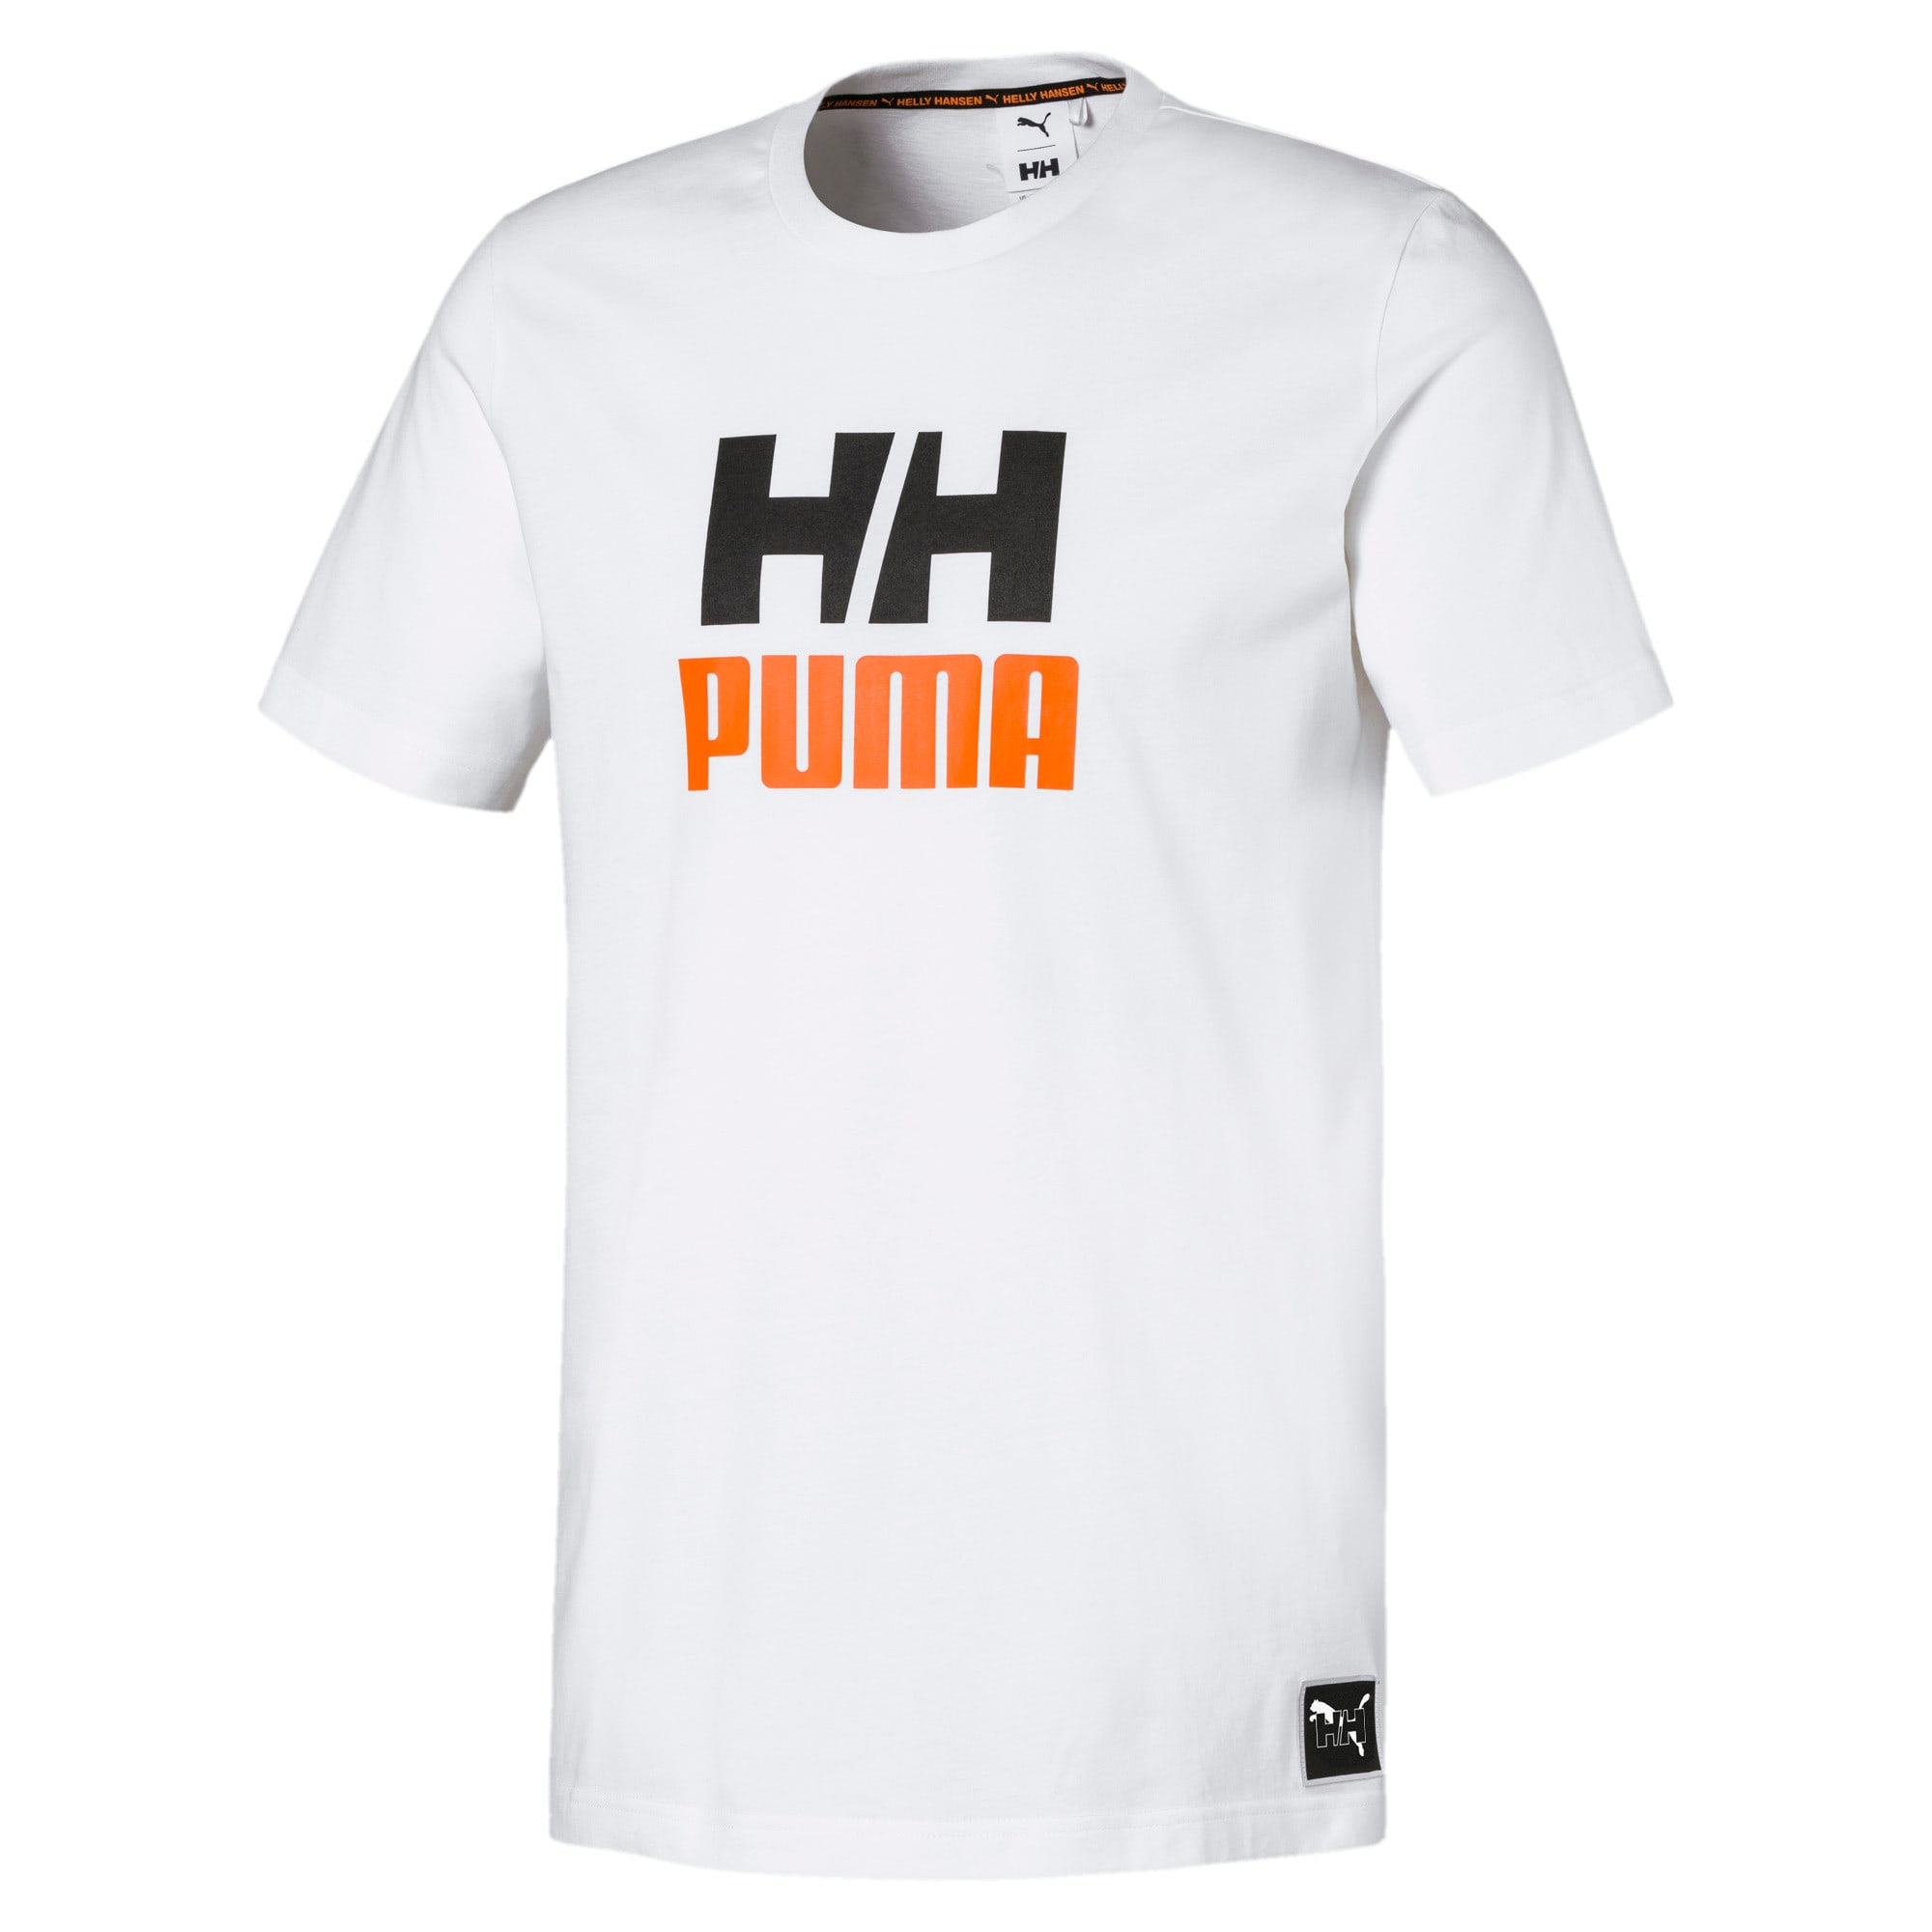 puma t shirts günstig online kaufen, Puma Basket Black